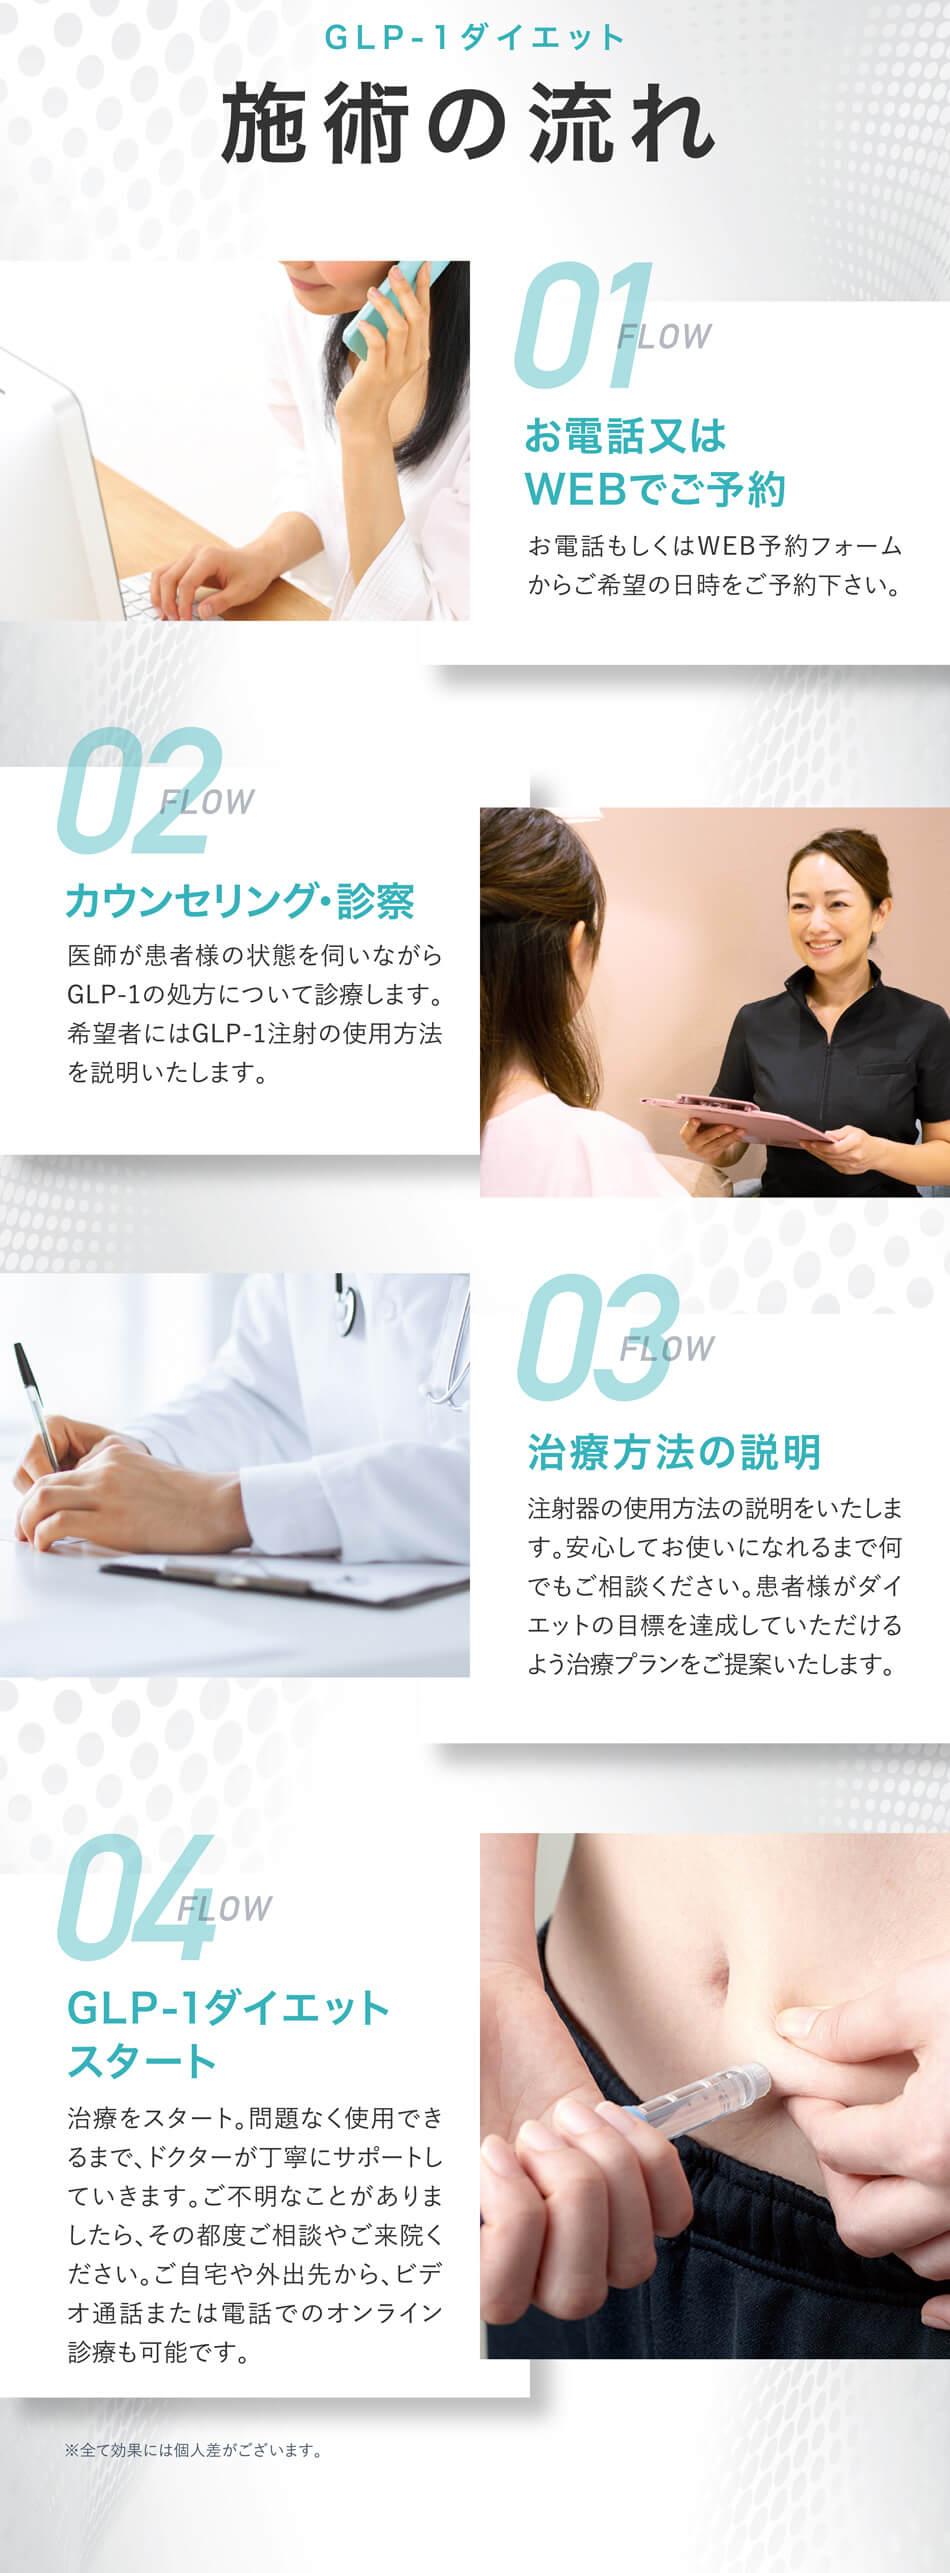 GLP-1ダイエット施術の流れ FLOW01:お電話又はWEBで ご予約お電話もしくはWEB予約フォームからご希望の日時をご予約下さい。 FLOW02:カウンセリング・診察 医師が患者様の状態を伺いながら GLP-1の処方について診療します。希望者にはGLP-1注射の使用方法を説明いたします。 FLOW03:治療方法の説明 注射器の使用方法の説明をいたします。安心してお使いになれるまで何でもご相談ください。患者様がダイエットの目標を達成していただけるよう治療プランをご提案いたします。 FLOW04:GLP-1ダイエットスタート 治療をスタート。問題なく使用できるまで、ドクターが丁寧にサポートしていきます。ご不明なことがありましたら、その都度ご相談やご来院ください。ご自宅や外出先から、ビデオ通話または電話でのオンライン診療も可能です。 ※全て効果には個人差がございます。